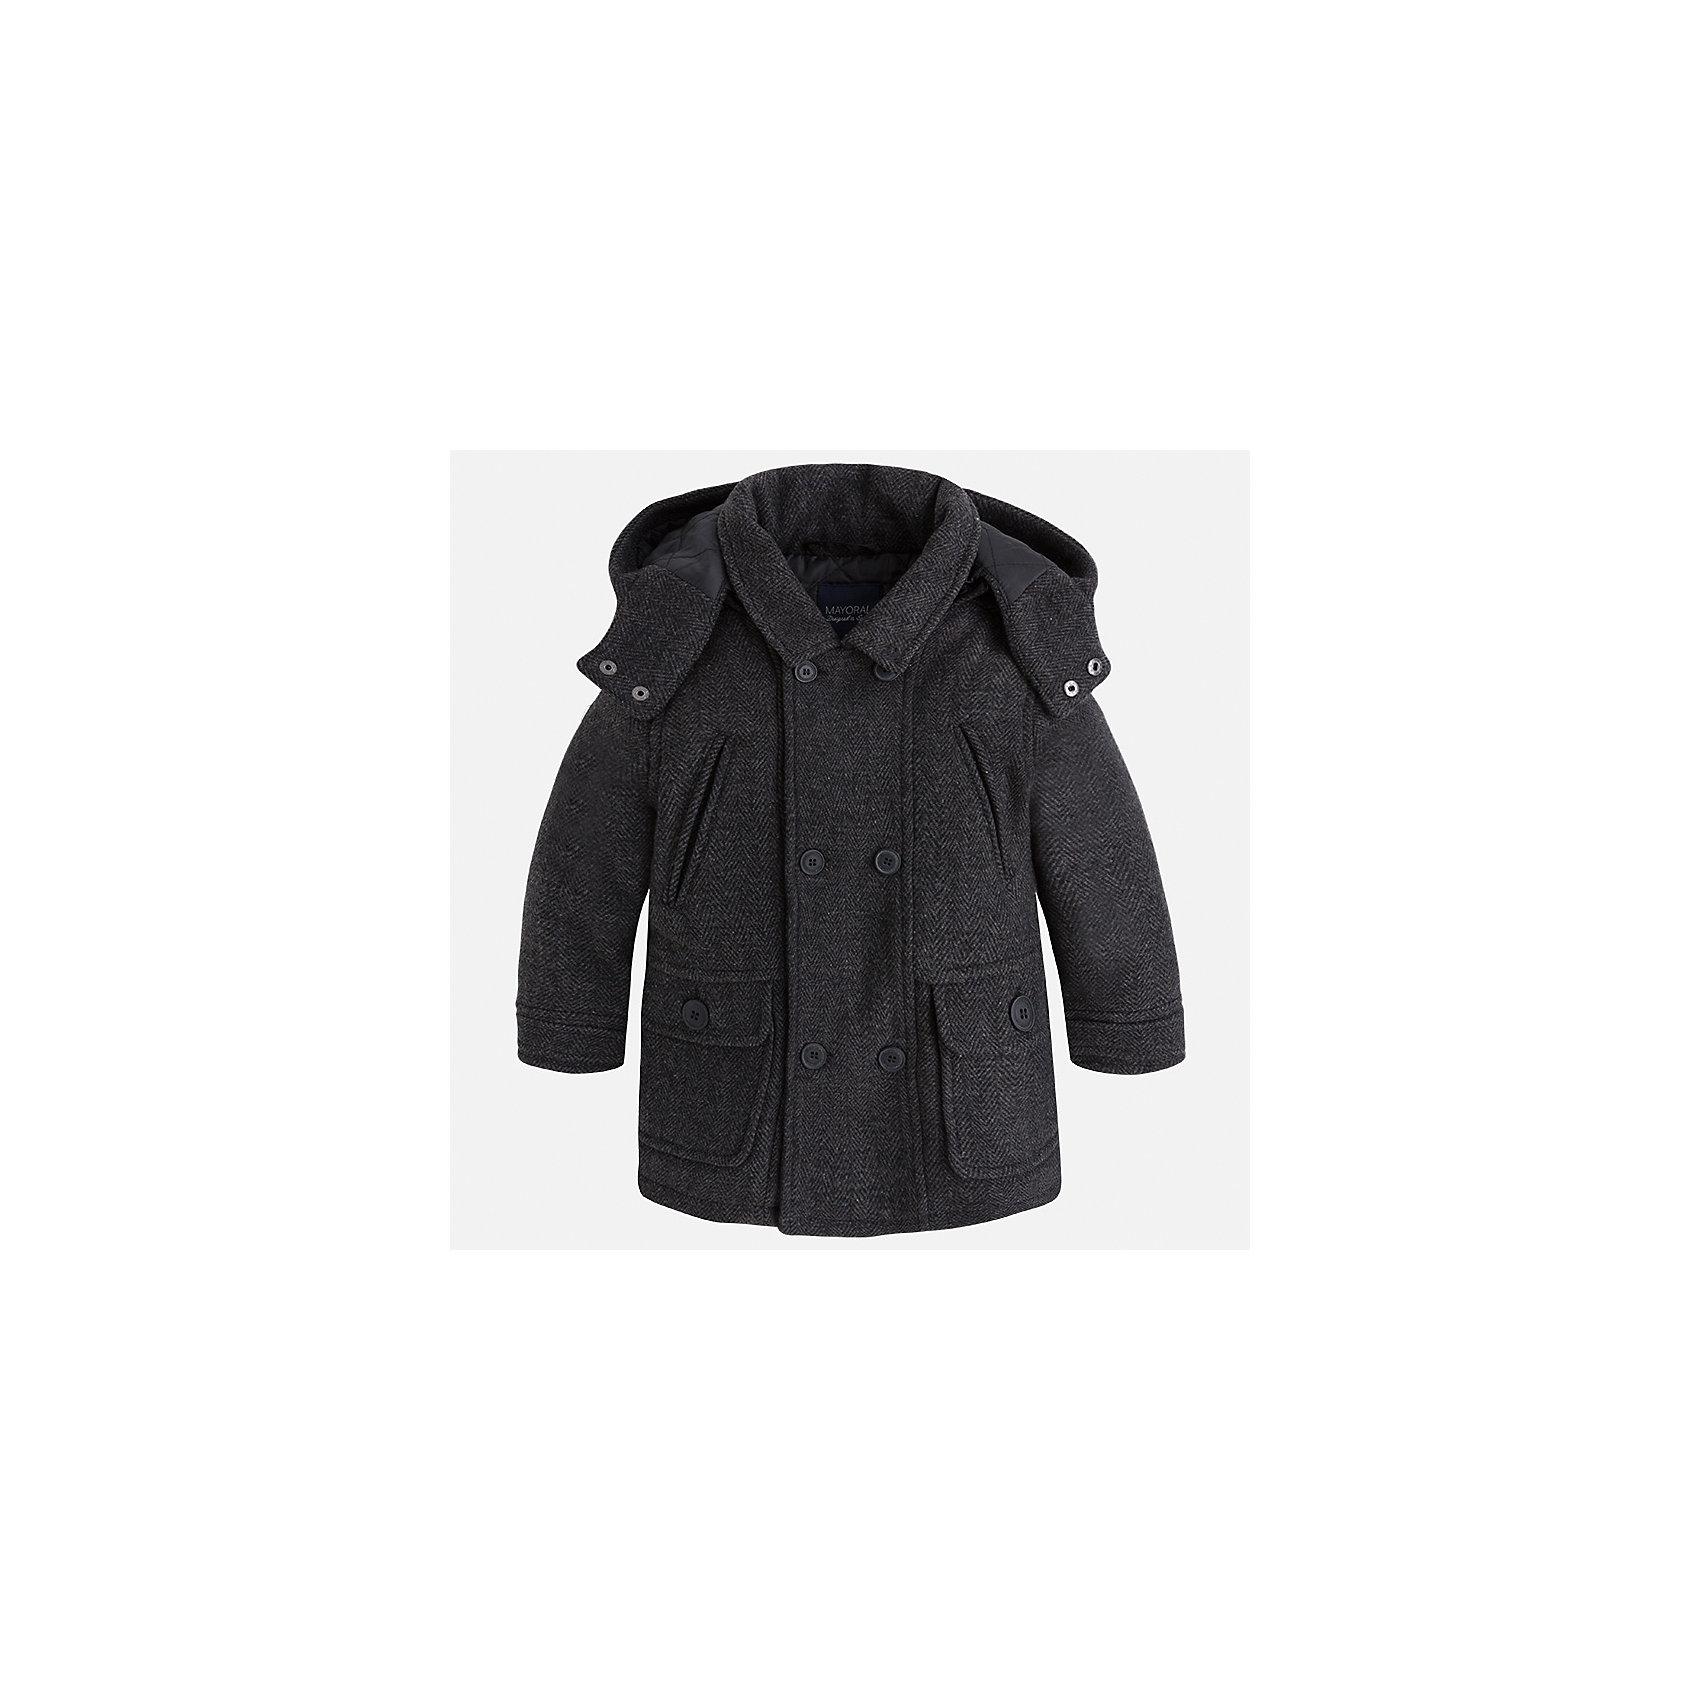 Куртка для мальчика MayoralДемисезонные куртки<br>Характеристики товара:<br><br>• цвет: зеленый<br>• состав ткани: 44% акрил, 44% полиэстер, 4% вискоза, 3% шерсть, 3% полиамид, 2% хлопок<br>• подкладка: 100% полиэстер<br>• утеплитель: 100% полиэстер<br>• сезон: демисезон<br>• температурный режим: от -5 до +10<br>• особенности модели: с капюшоном<br>• отложной воротник<br>• застежка: пуговицы<br>• страна бренда: Испания<br>• страна изготовитель: Индия<br><br>Стильная детская куртка сделана из плотного но теплого материала. Благодаря качественной ткани детской куртки для мальчика создаются комфортные условия для тела. Серая куртка для мальчика отличается стильным продуманным дизайном.<br><br>Куртку для мальчика Mayoral (Майорал) можно купить в нашем интернет-магазине.<br><br>Ширина мм: 356<br>Глубина мм: 10<br>Высота мм: 245<br>Вес г: 519<br>Цвет: серый<br>Возраст от месяцев: 96<br>Возраст до месяцев: 108<br>Пол: Мужской<br>Возраст: Детский<br>Размер: 134,92,98,104,110,116,122,128<br>SKU: 6934742